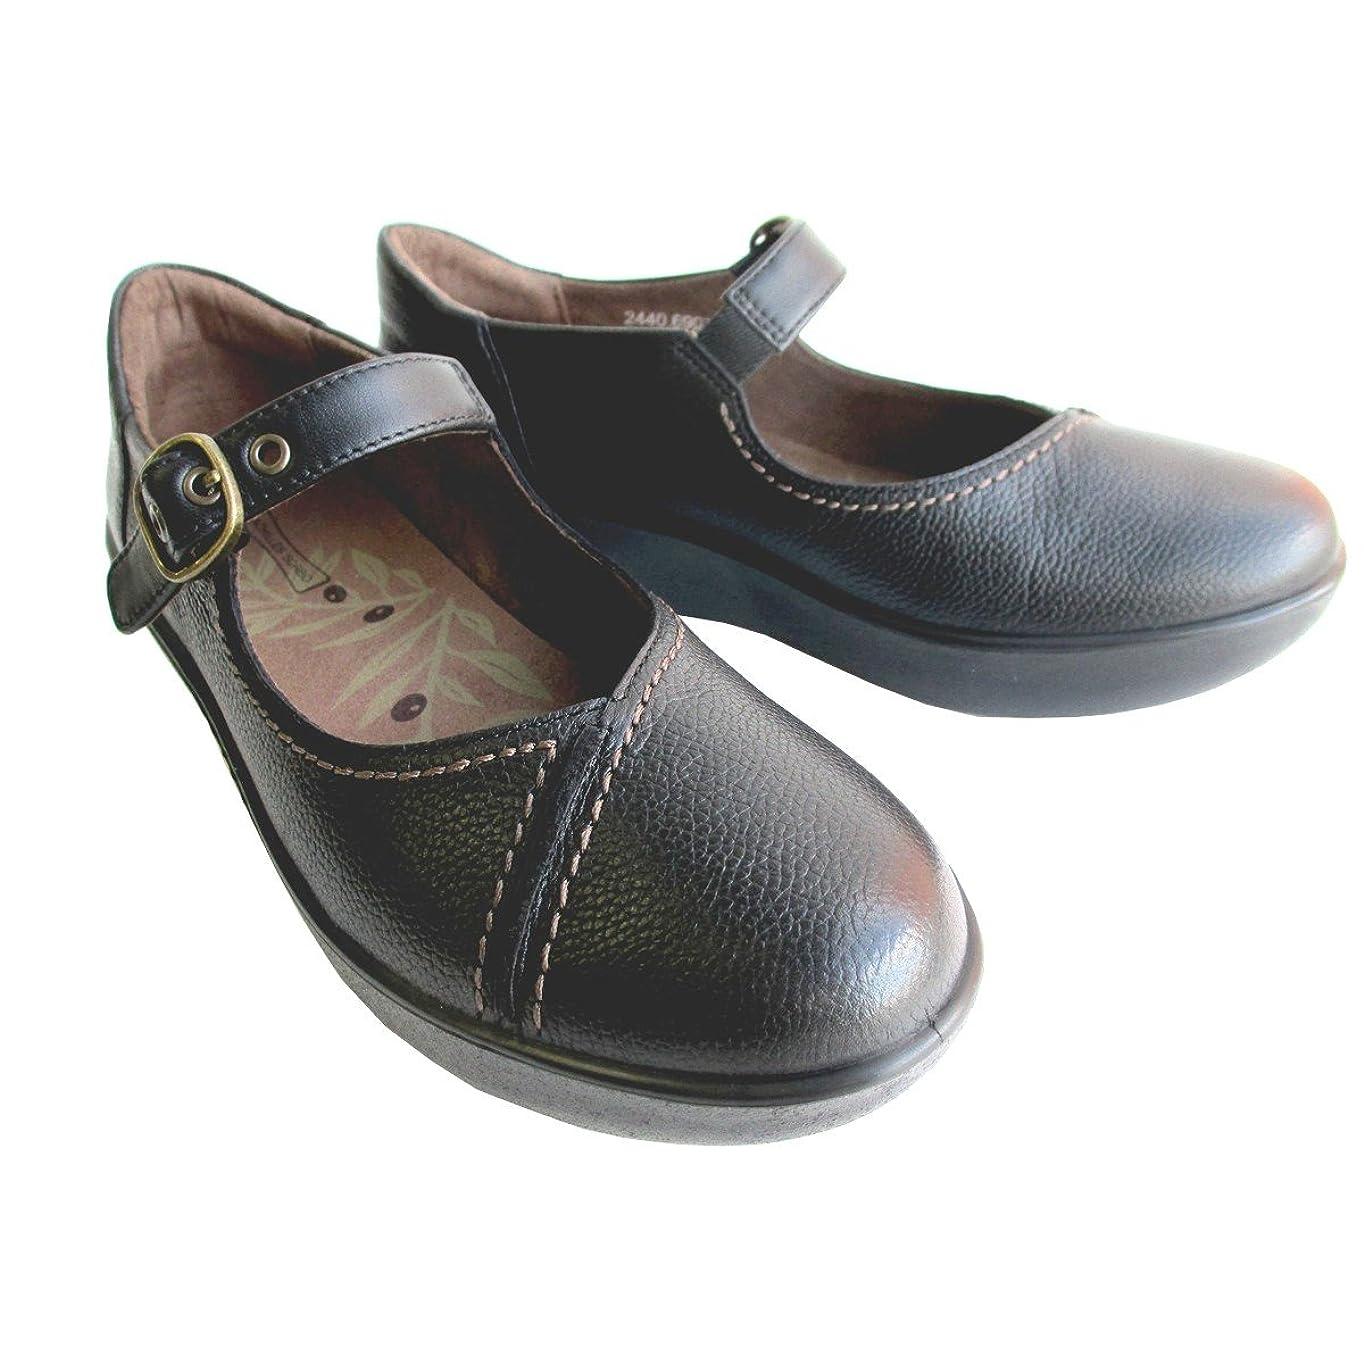 エキサイティング虐待アウトドア[アシックス] [アキレス ソルボ] Achilles SORBO 244 SRL2440 レディース トラベルシューズ コンフォートシューズ フラットヒール 厚底 通勤靴 仕事靴